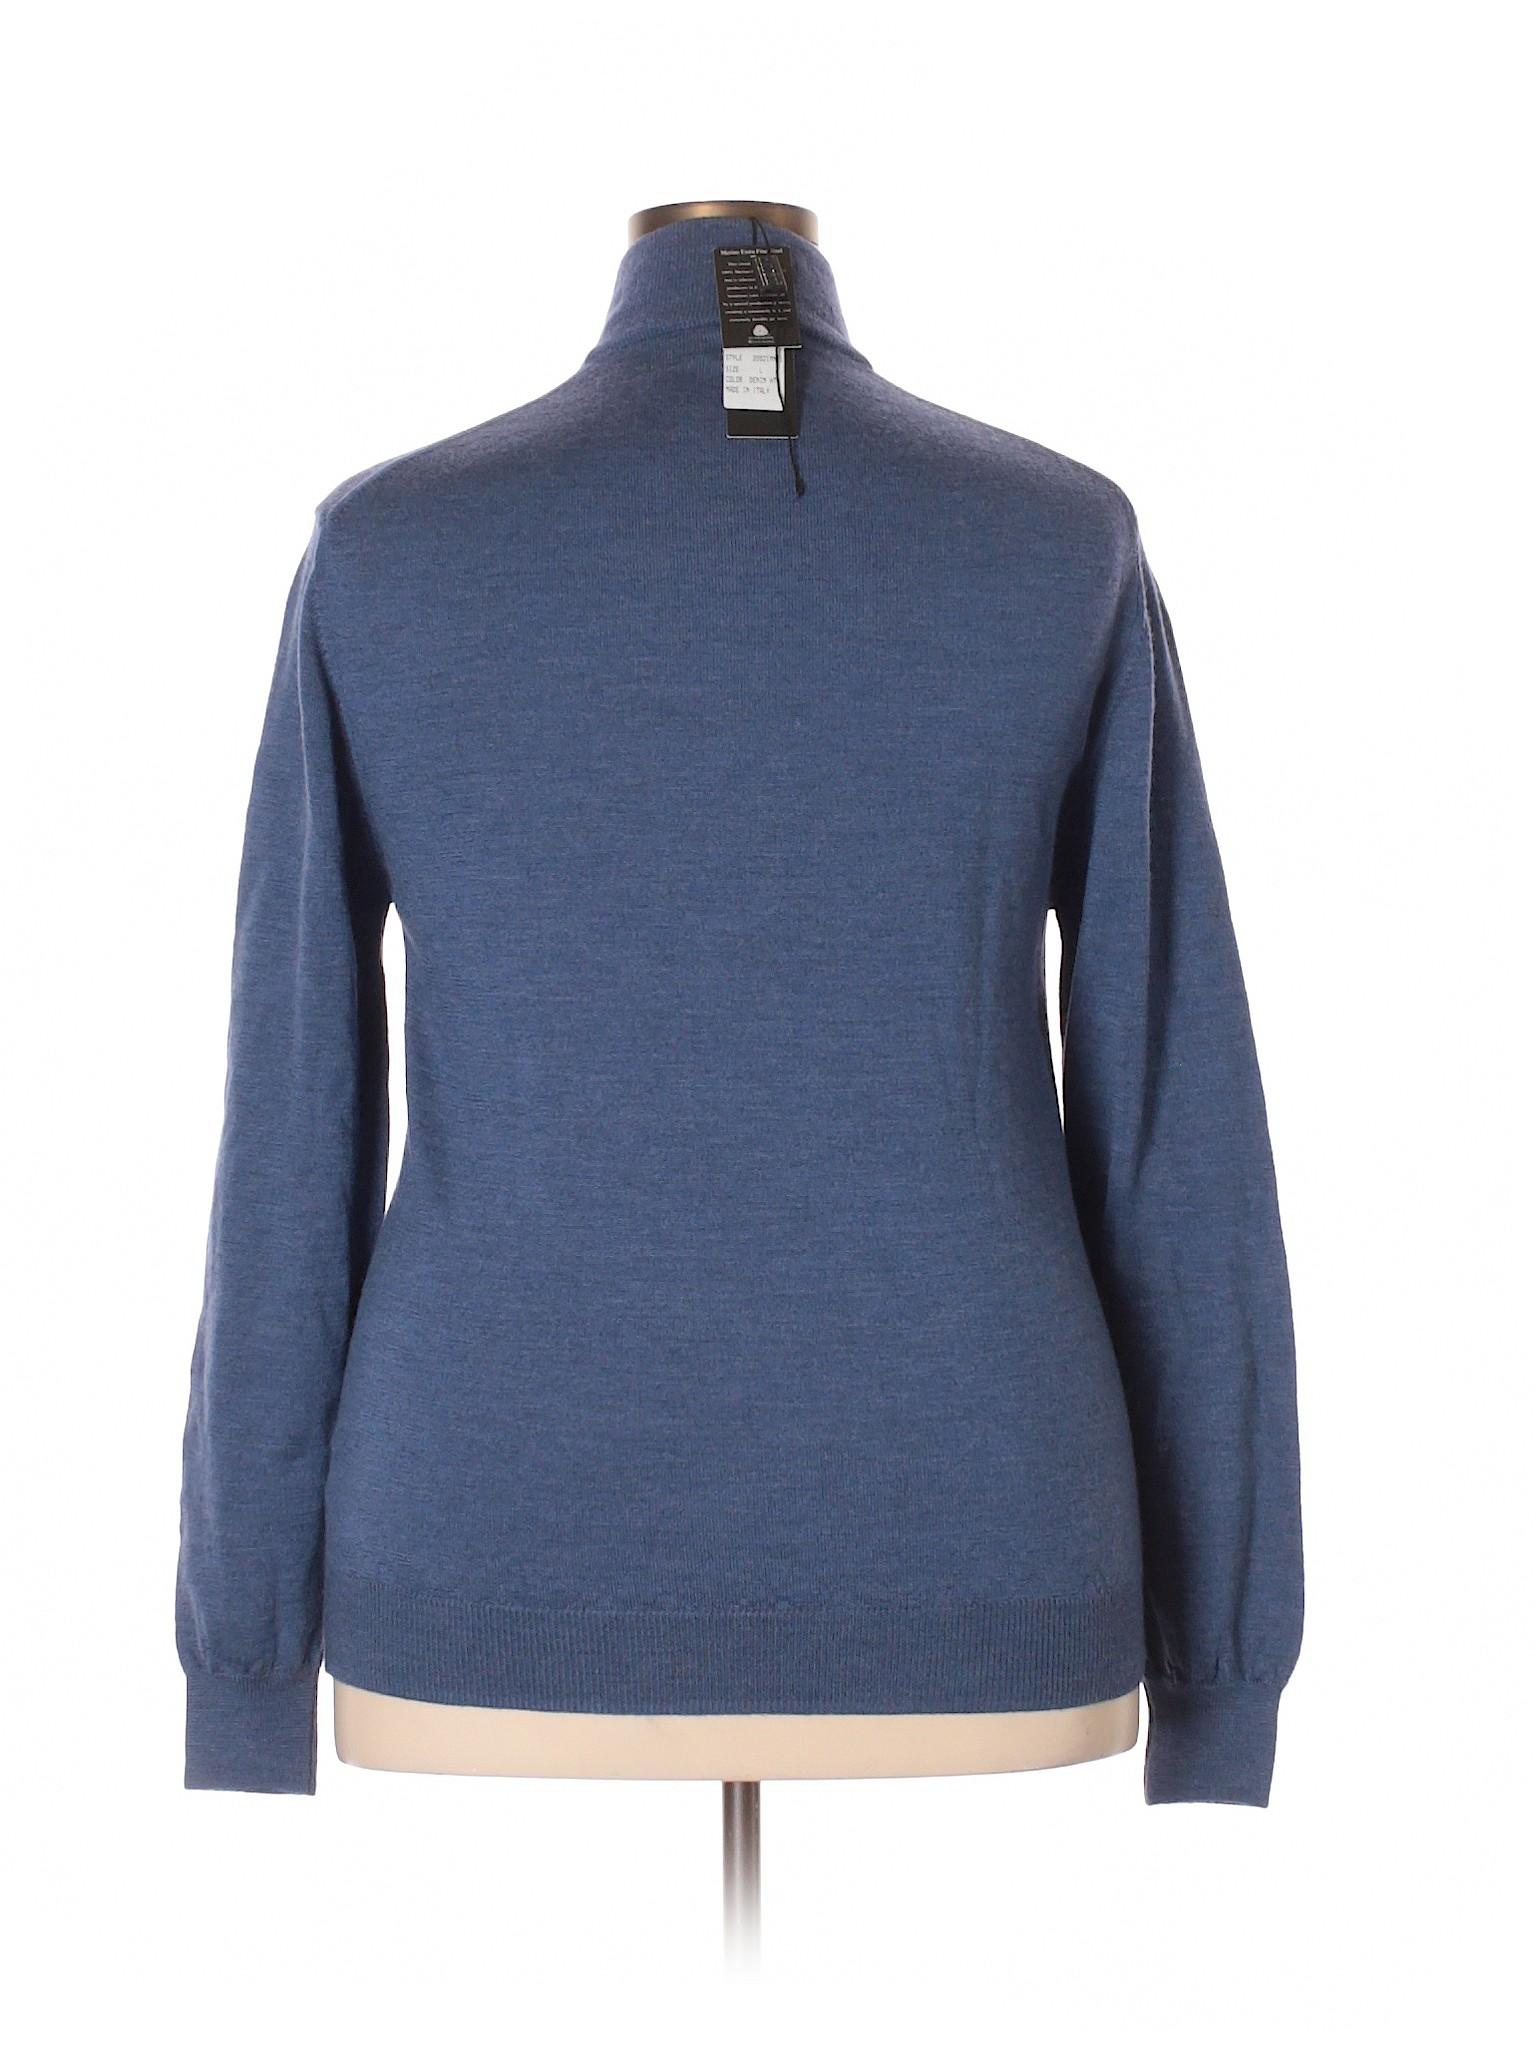 Wool Pullover Fiori Marco Sweater Boutique FEgAqX